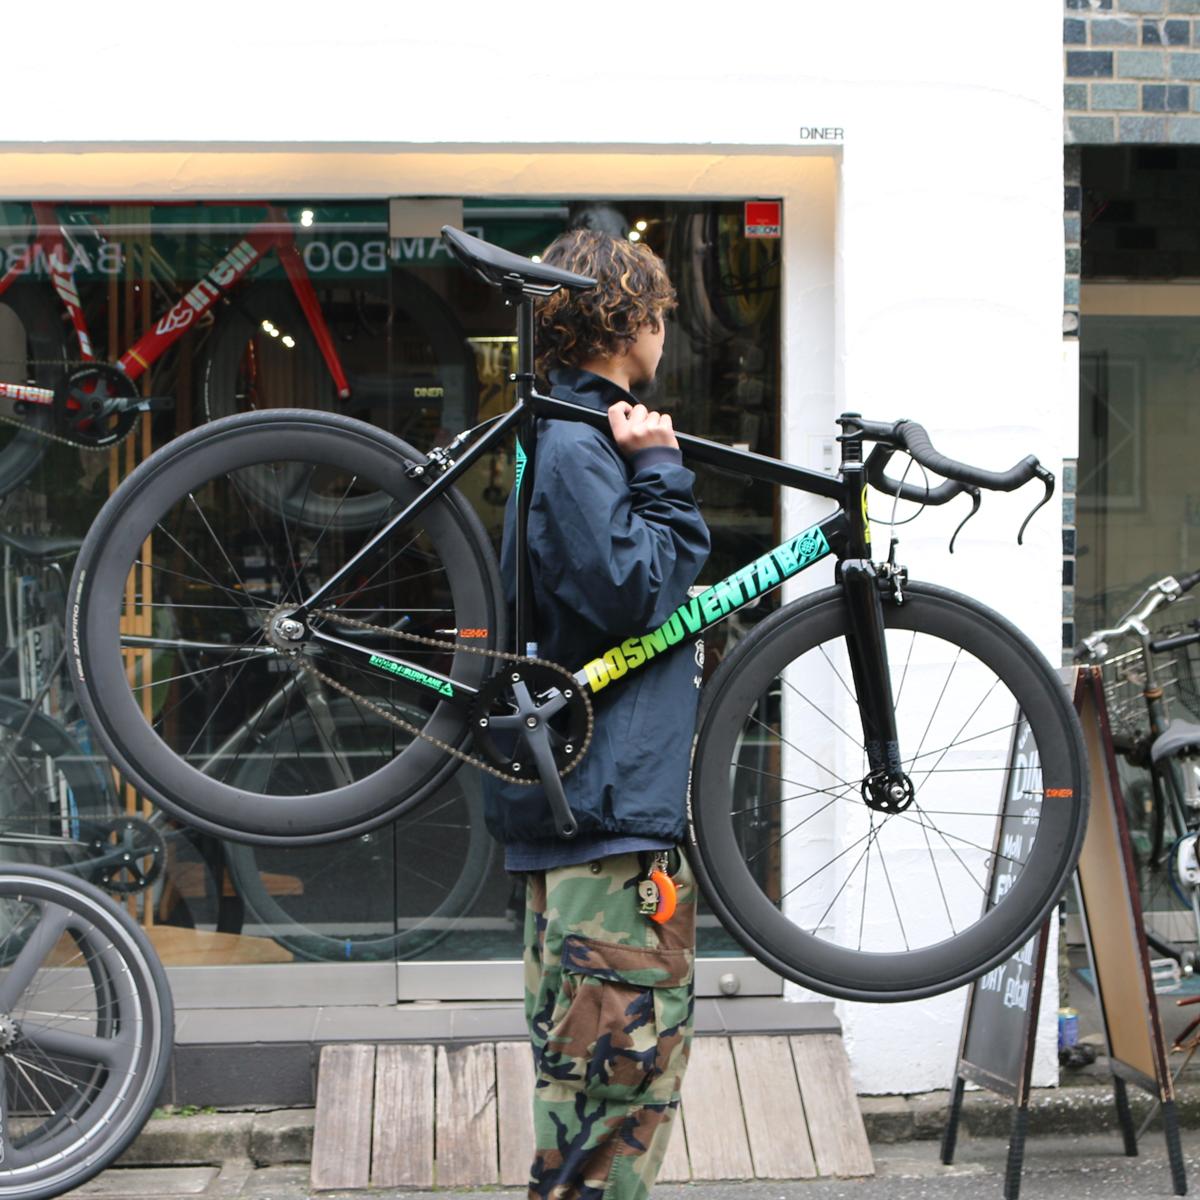 気持ちの入っている自転車は全て魅力的。